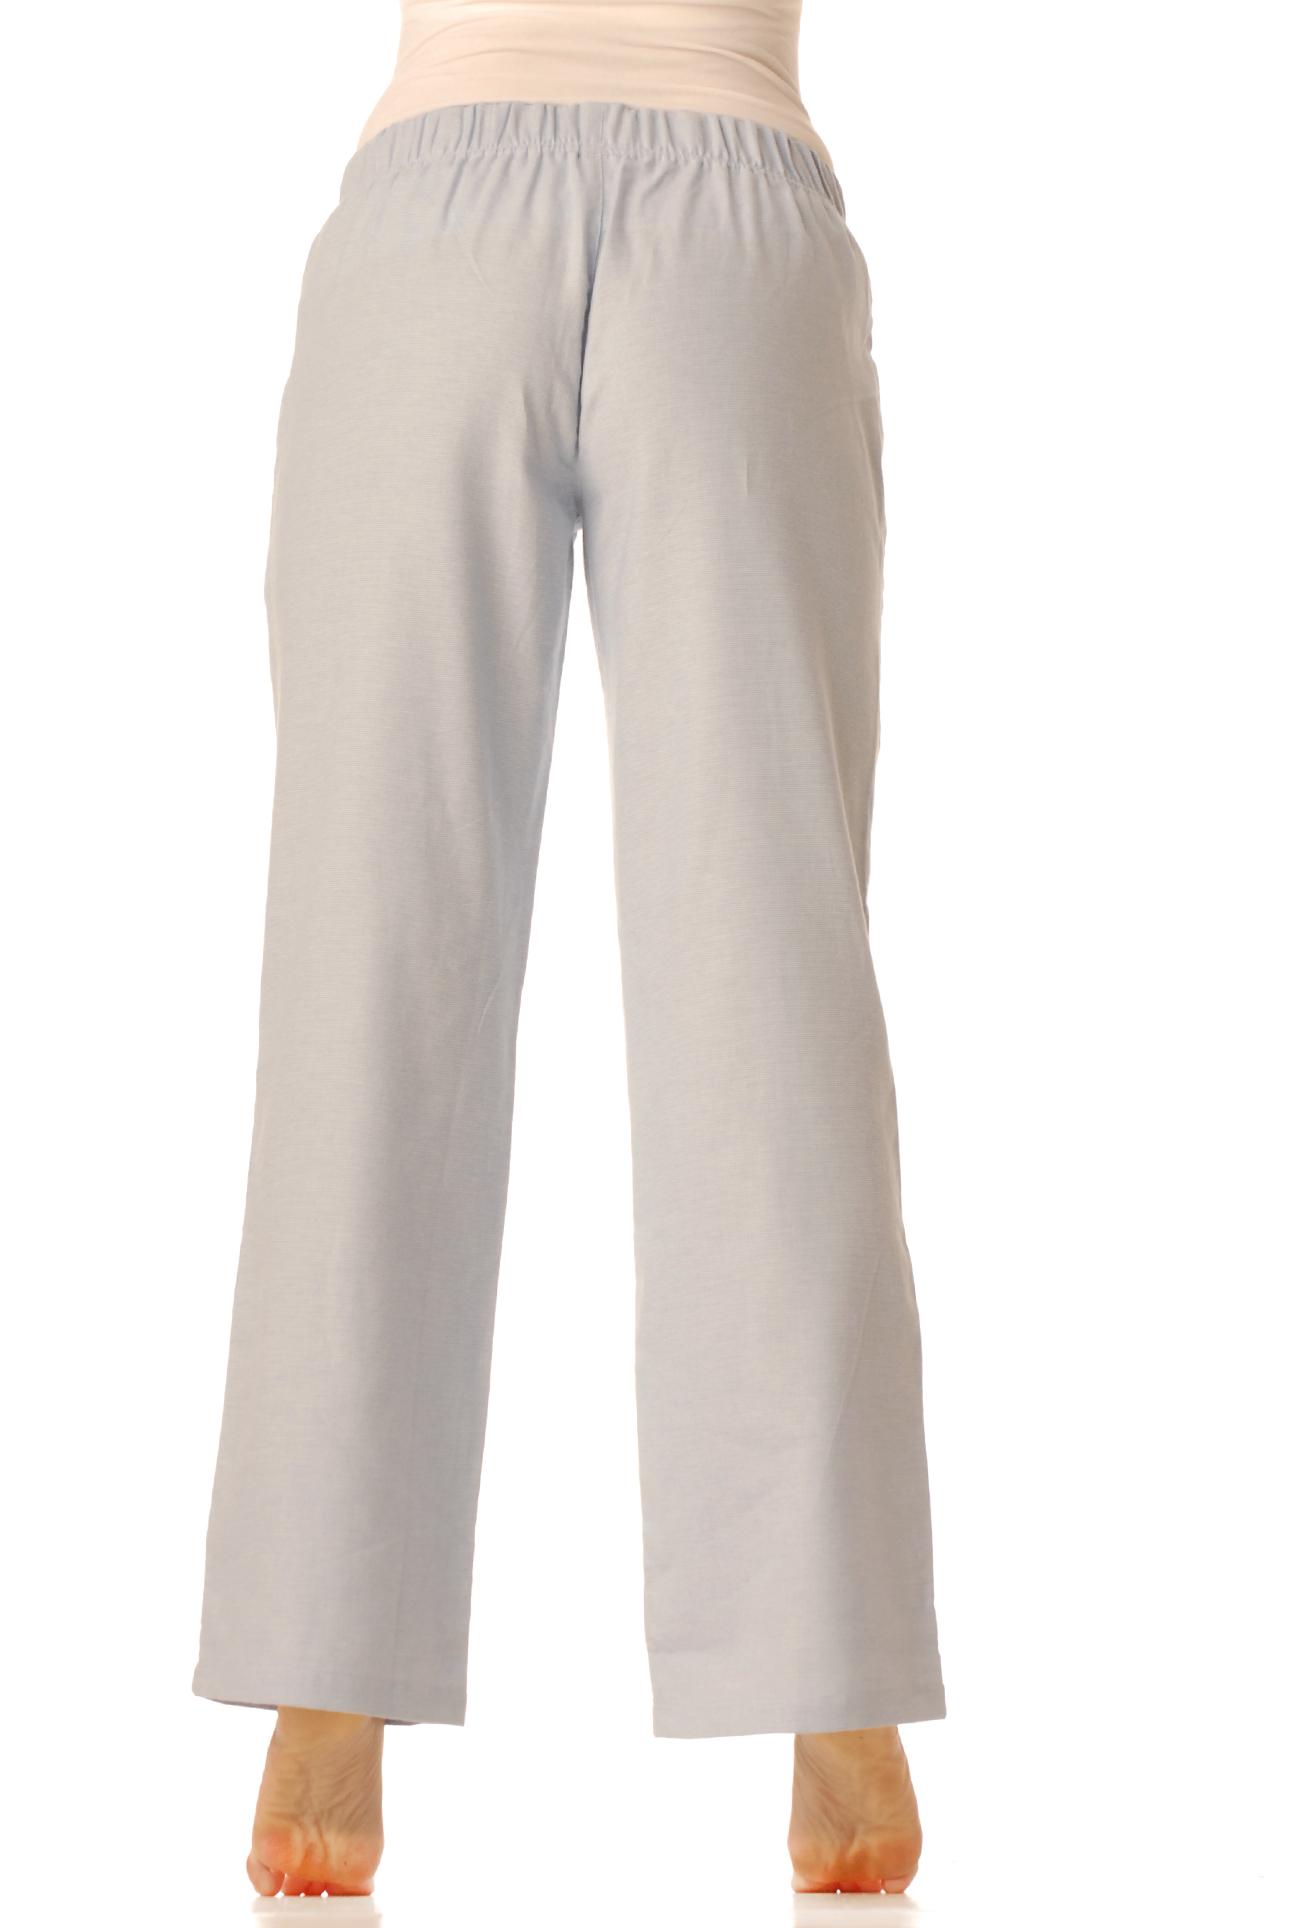 Flanelové pyžamové kalhoty - Modré pepitko